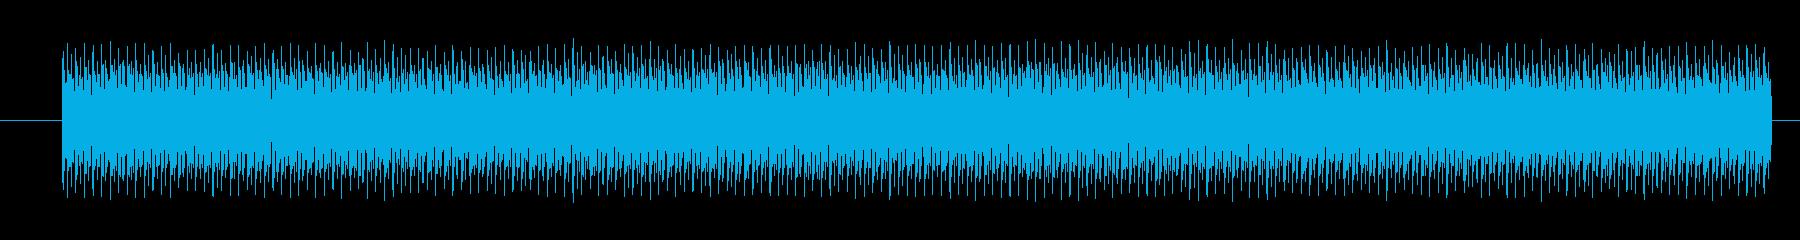 オートバイ エンジン中速定常01の再生済みの波形